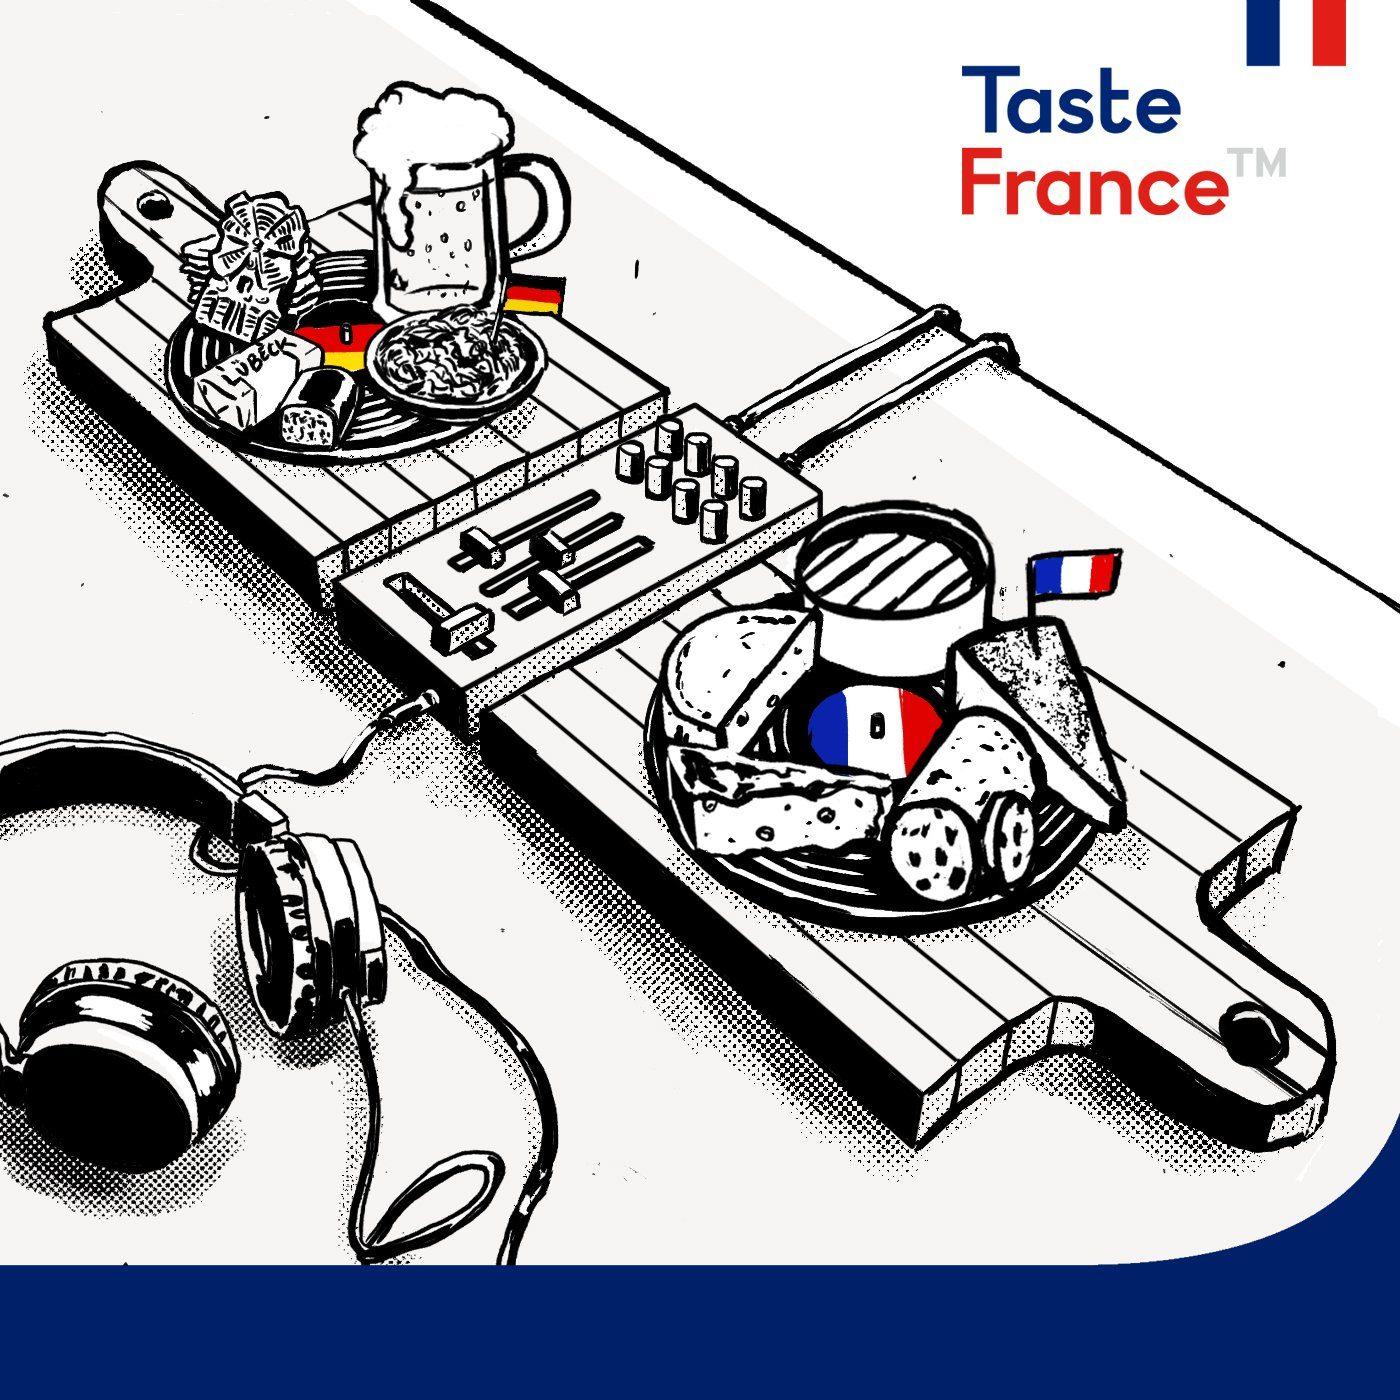 Französischer Käse - Live Tasting und eine Verlosung!